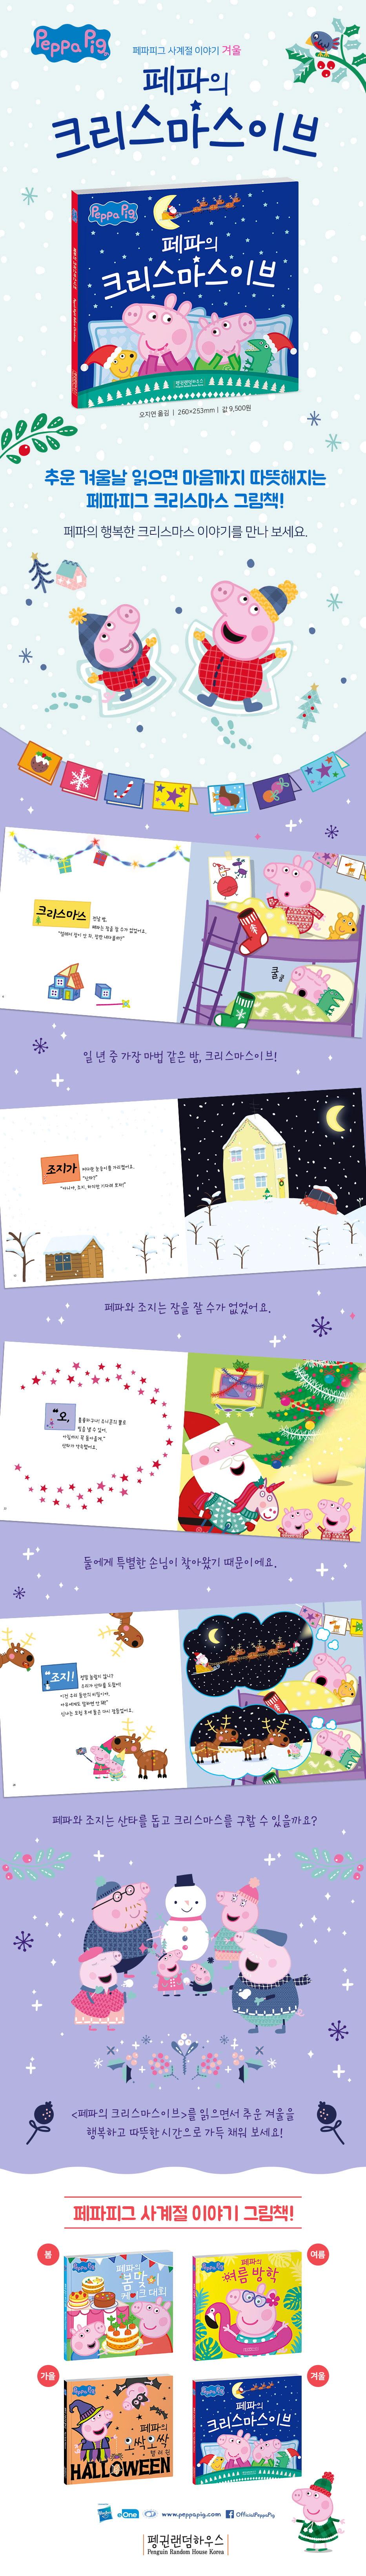 페파의 크리스마스이브(페파피그 사계절 이야기)(양장본 HardCover) 도서 상세이미지